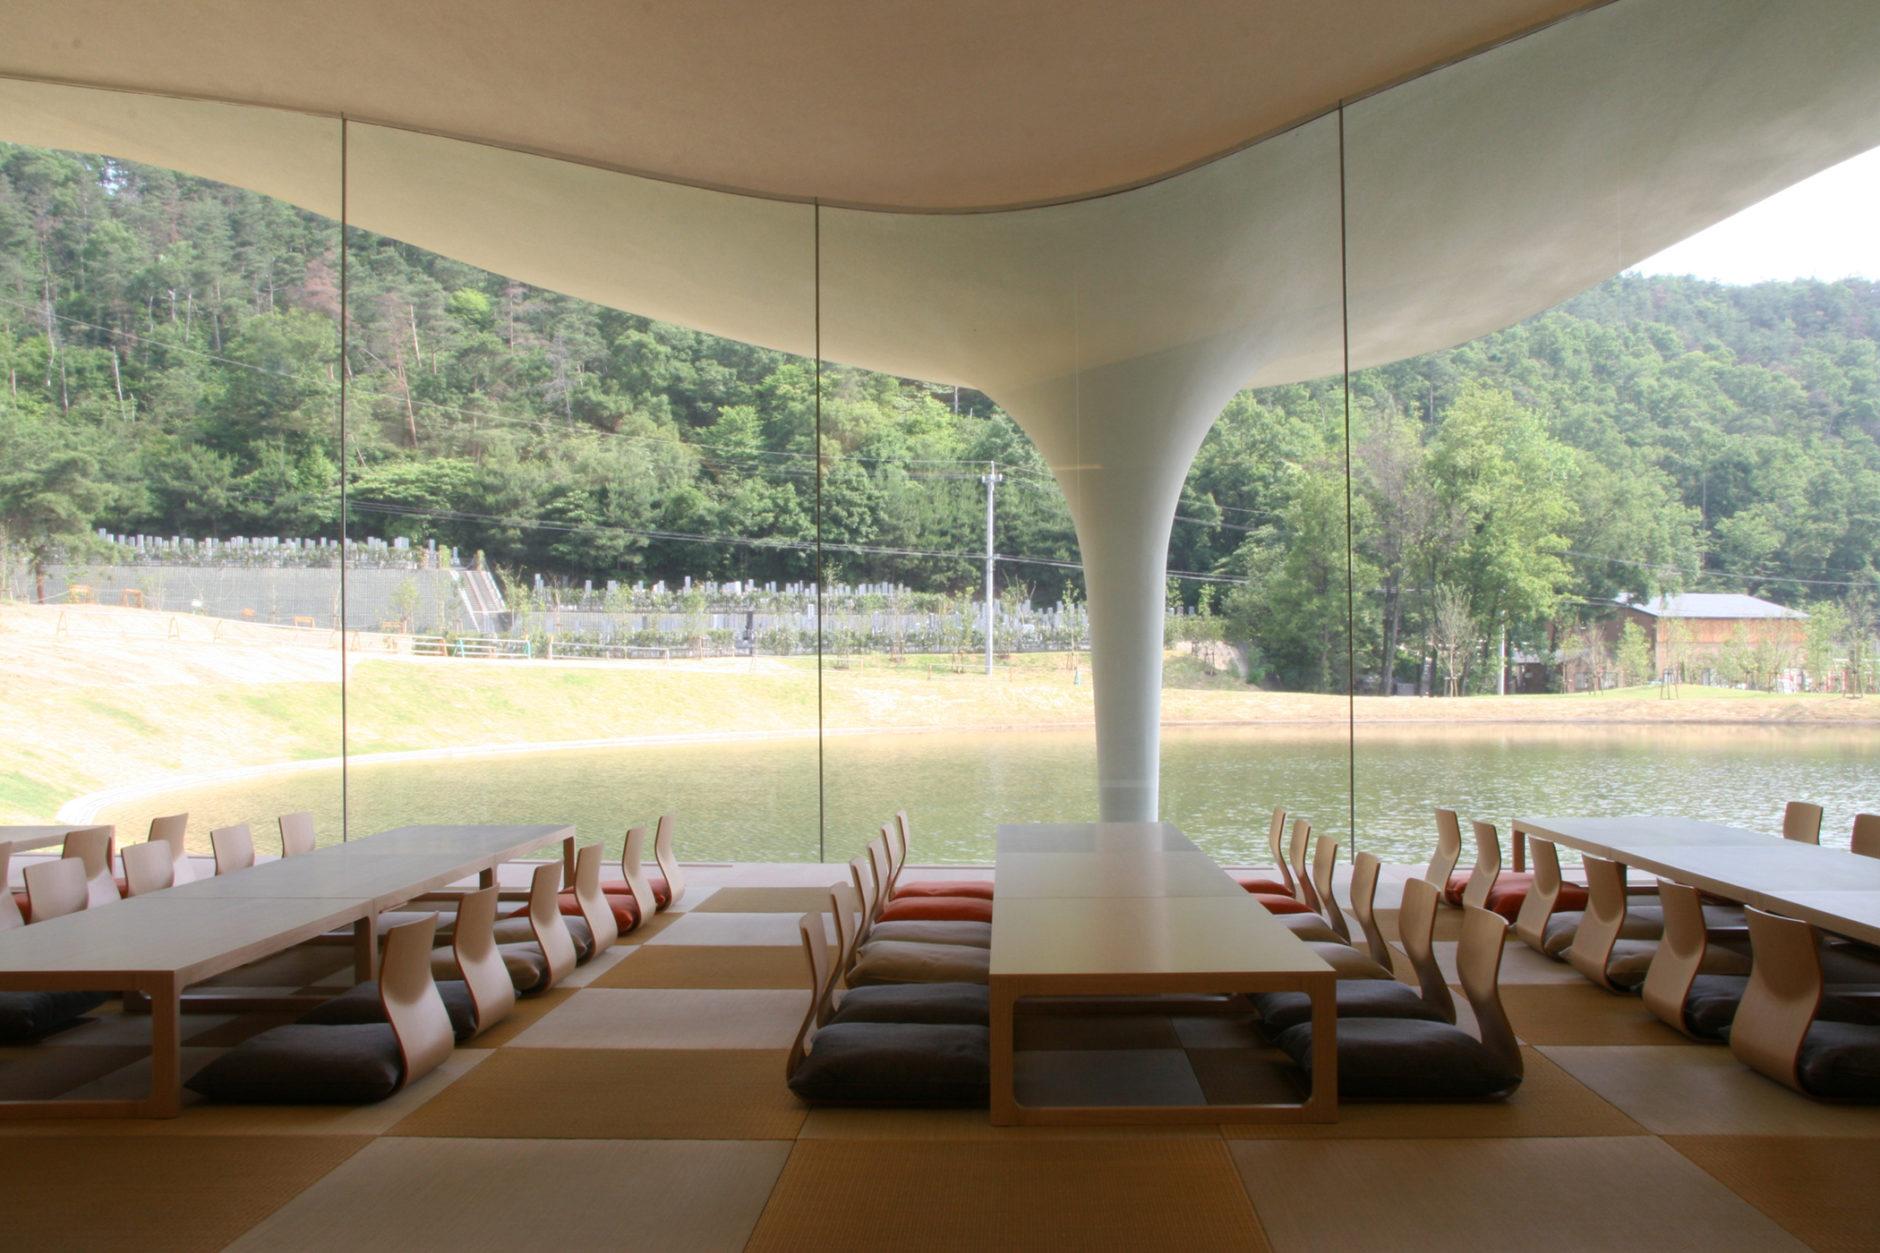 Toyo Ito & Associates Architects, Meiso no Mori Municipal Funeral Hall, 2004-6, Kakamigahara-shi, Gifu, Japan.